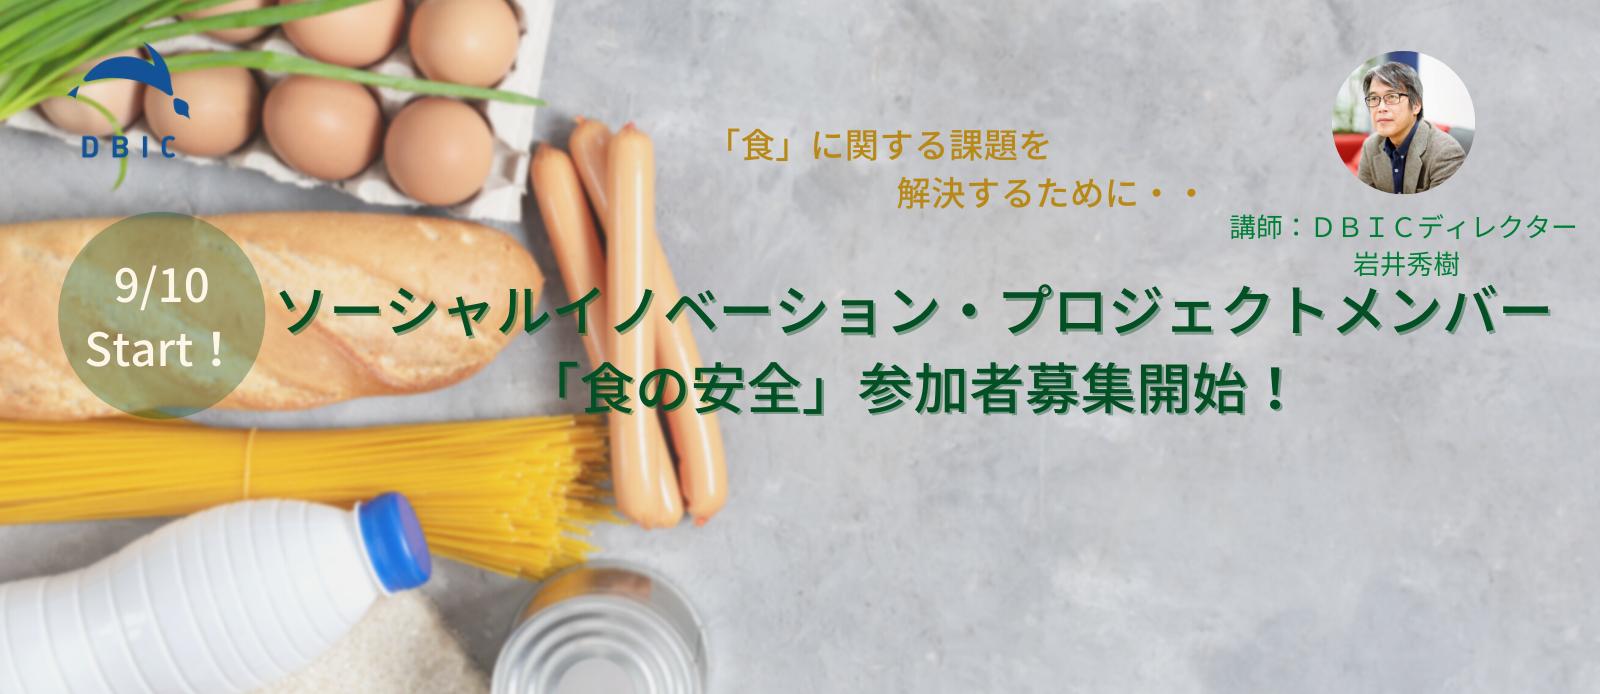 ソーシャルイノベーション・プロジェクトメンバー〜食の安全〜 参加者募集開始!